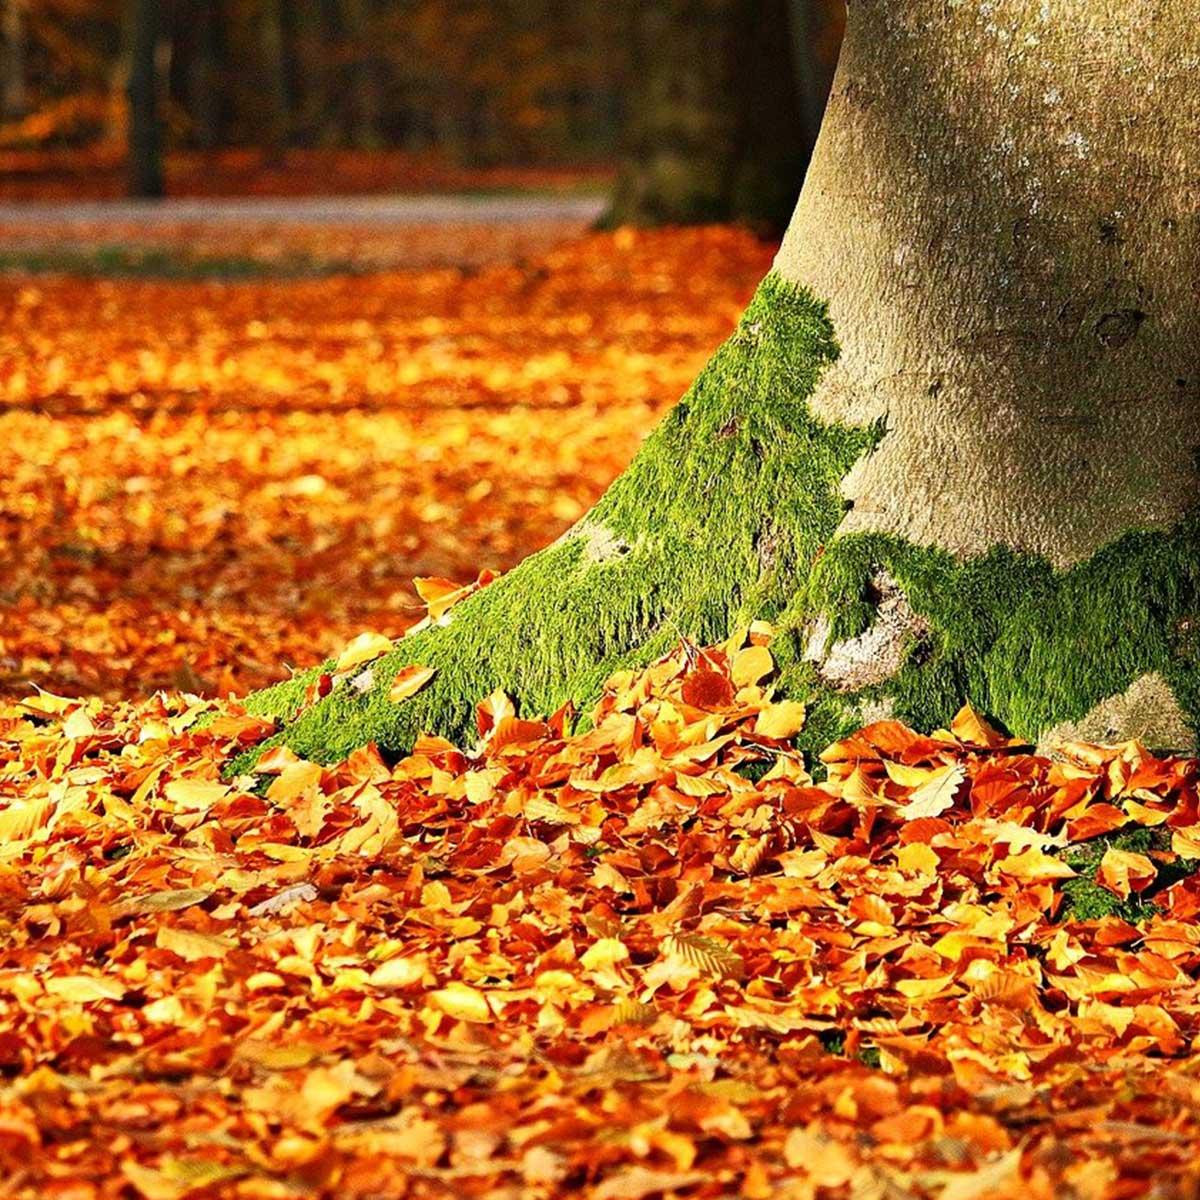 Jardín en temporada de otoño: 10 tareas claves para su cuidado - limpieza de hojas